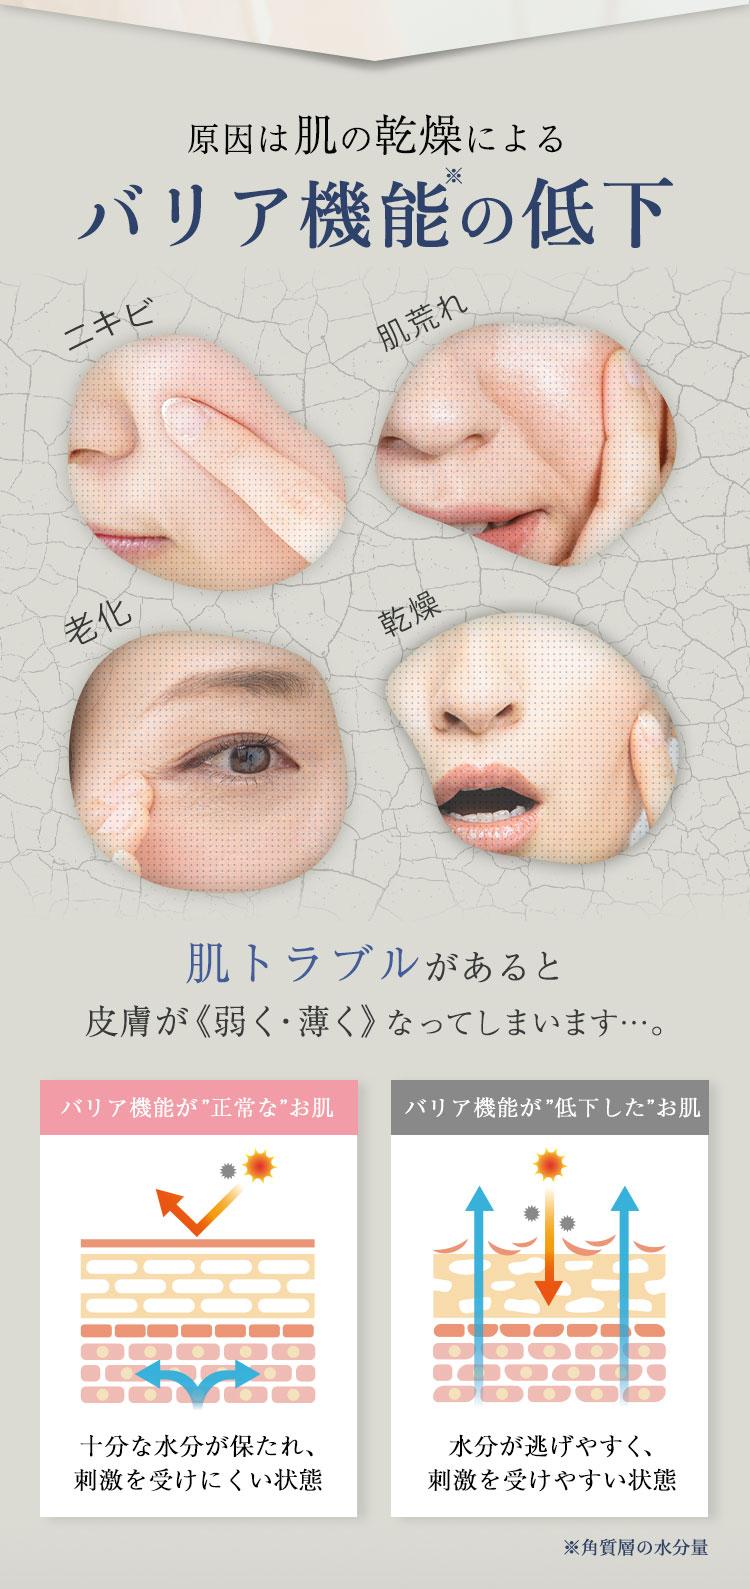 肌の乾燥によるバリア機能の低下 肌トラブルがあると皮膚が弱くなってしまいます…